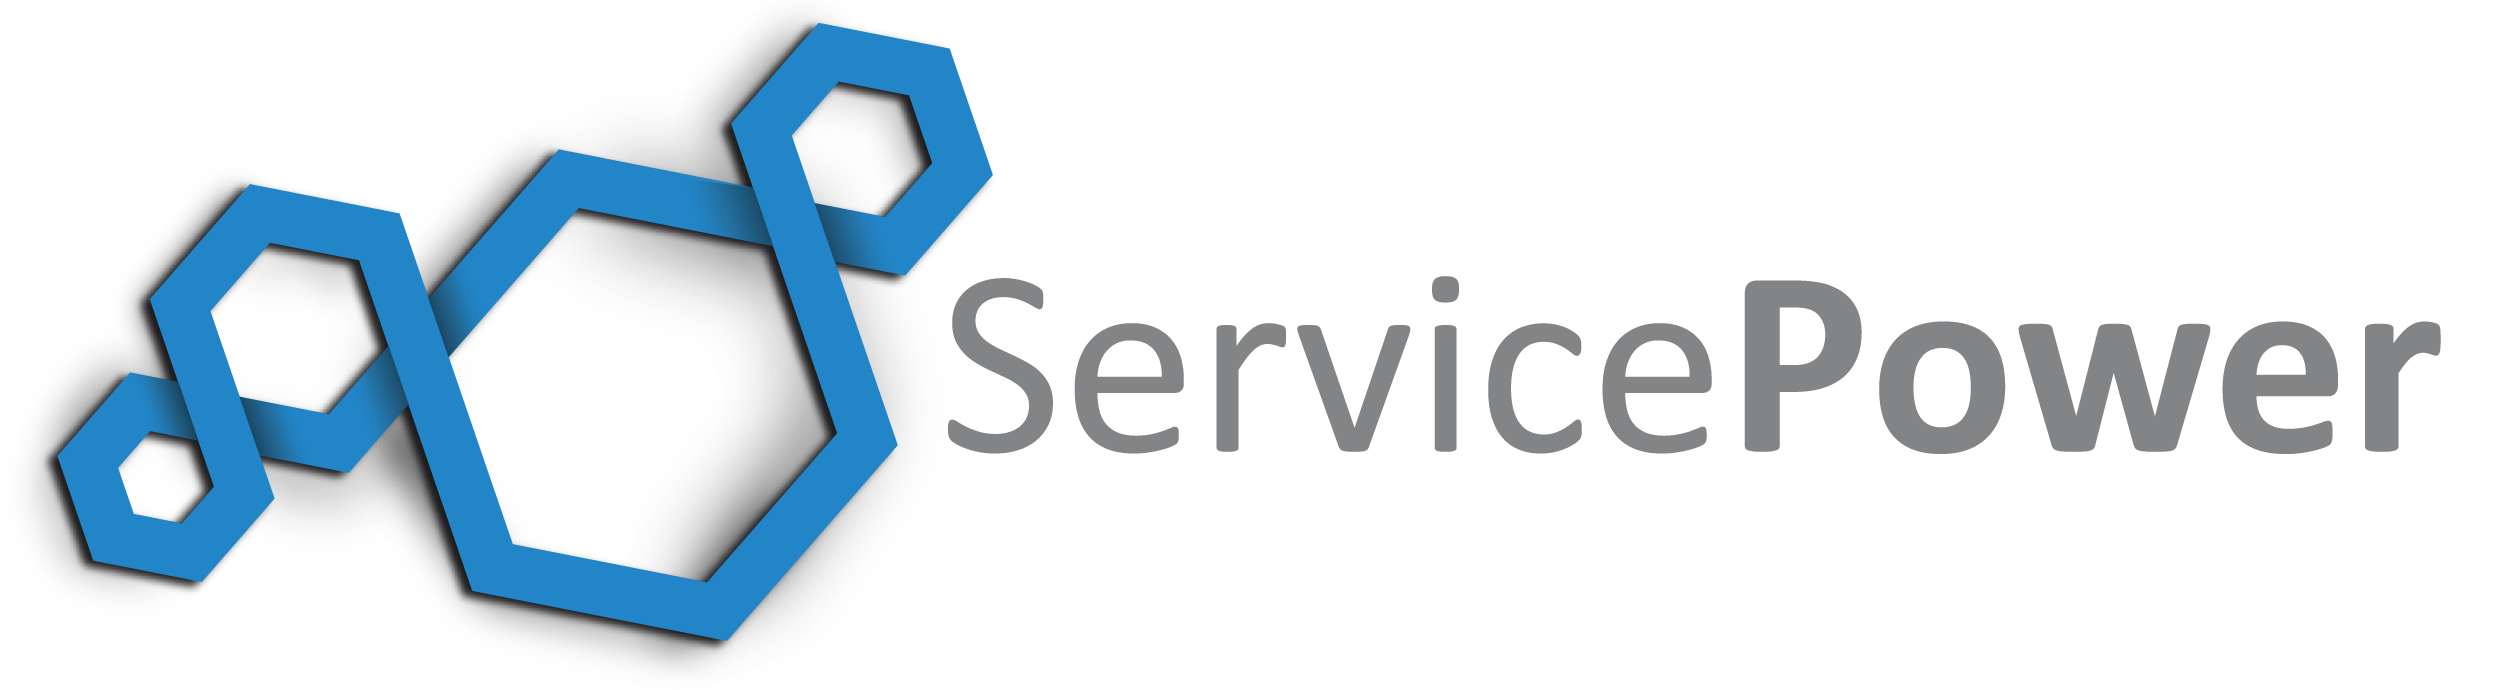 ServicePowerLogo 2017 August-1